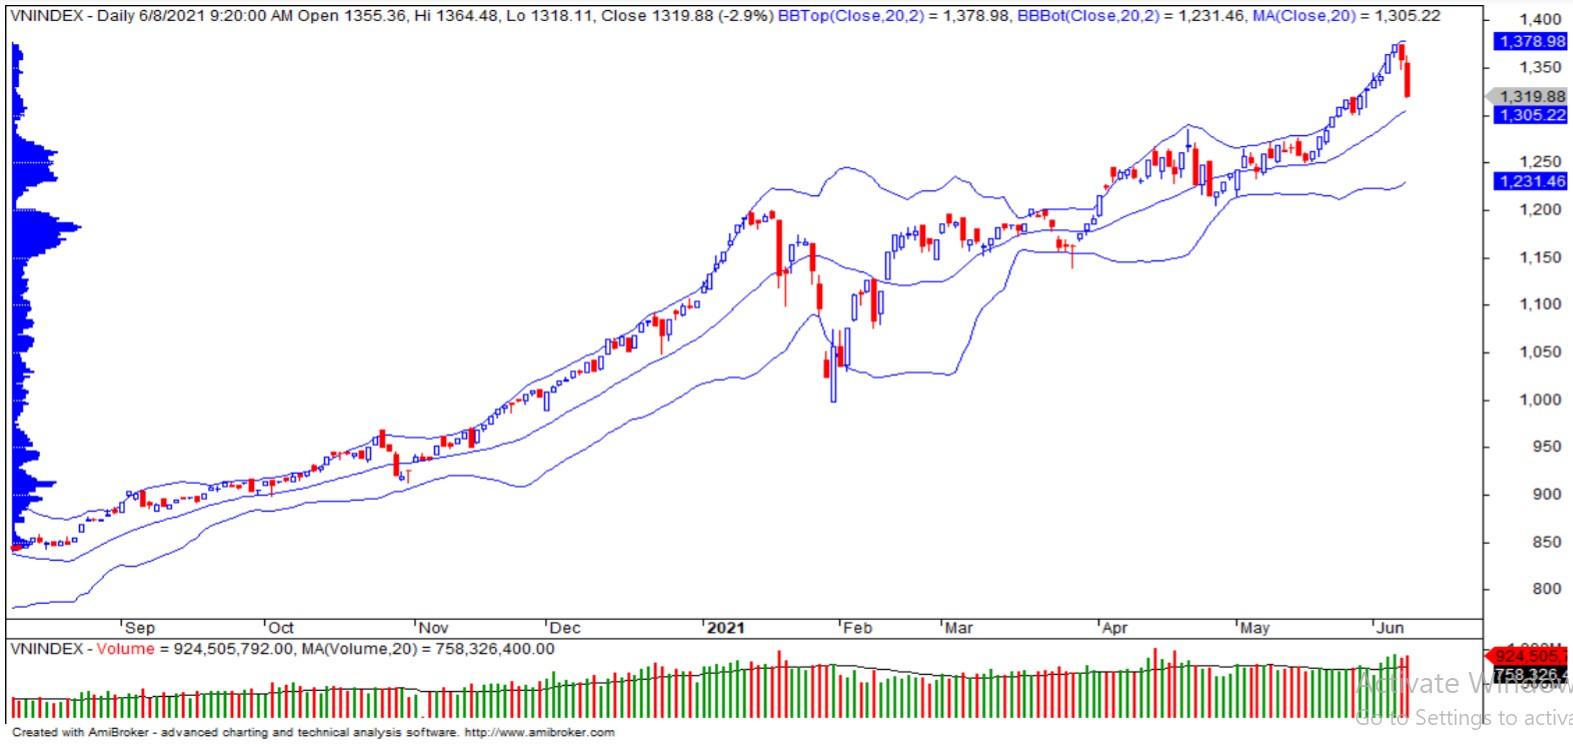 Nhận định thị trường chứng khoán ngày 9/6: Hồi phục kỹ thuật? - Ảnh 1.